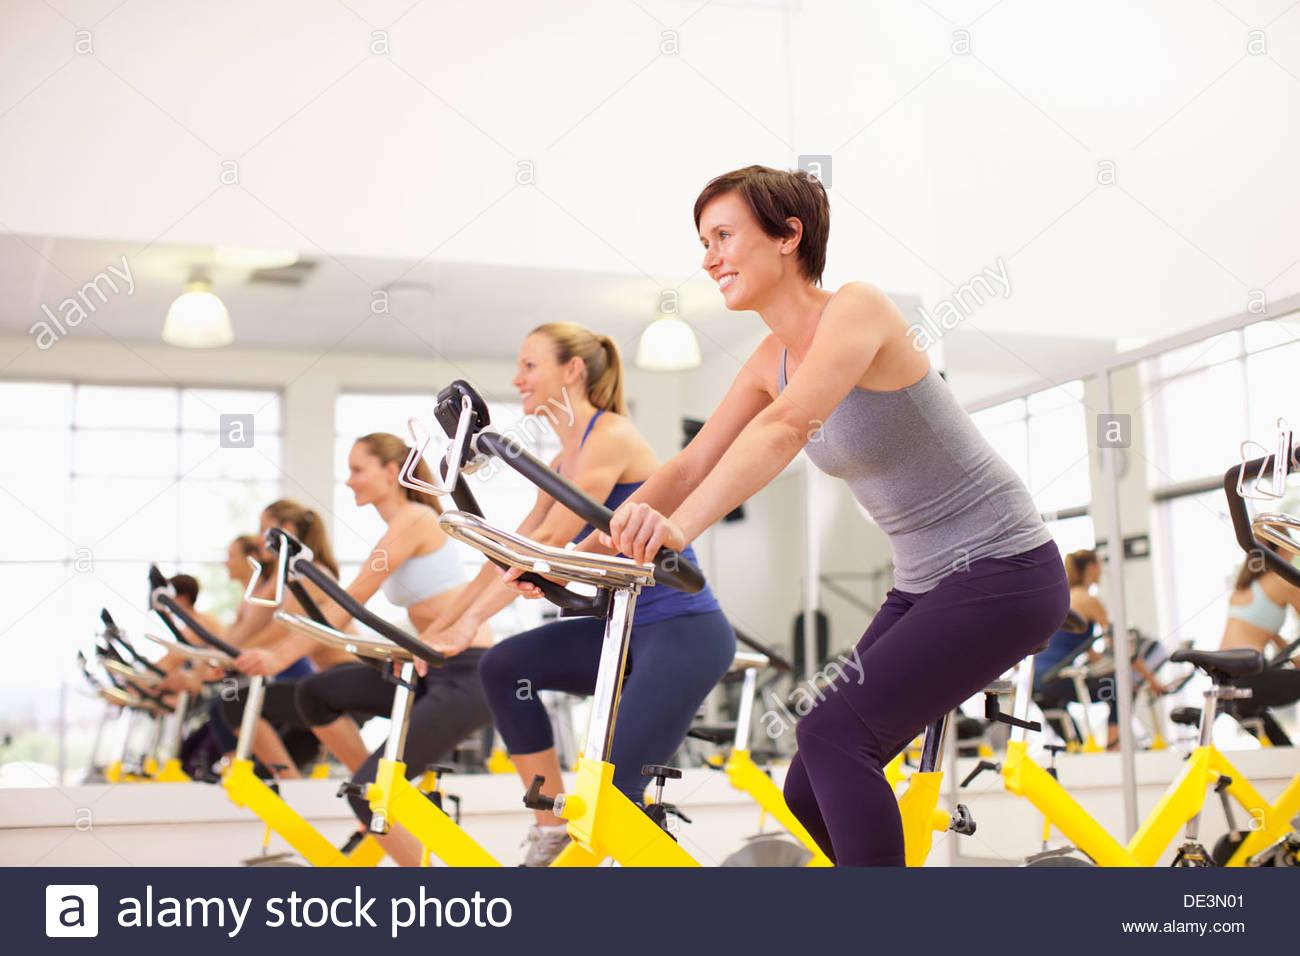 Retrato de mujer sonriente en bicicletas de ejercicio en el gimnasio Imagen De Stock